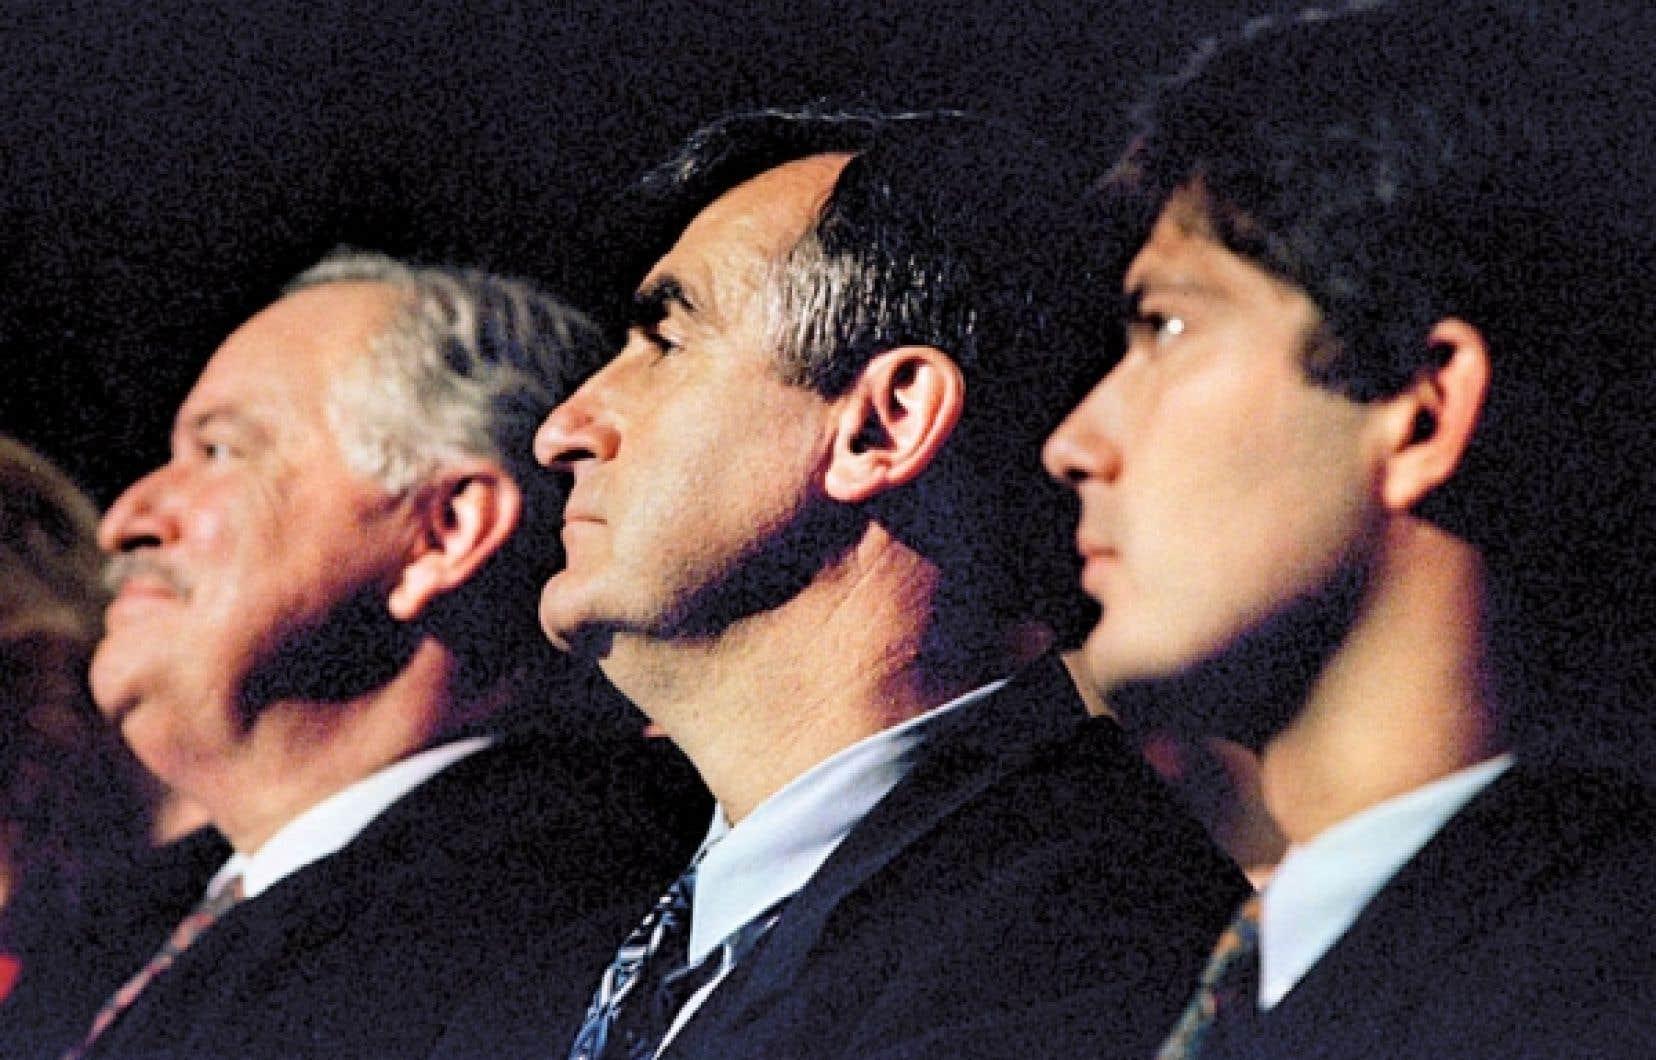 Les tenants du Oui au référendum de 1995: Jacques Parizeau, Lucien Bouchard et Mario Dumont. Aujourd'hui, à la lumière des blocages liés à la rigidité de la formule d'amendement, des tentatives avortées de réforme constitutionnelle et des silences sur cet enjeu depuis l'échec référendaire de 1995, les options sont plus limitées.